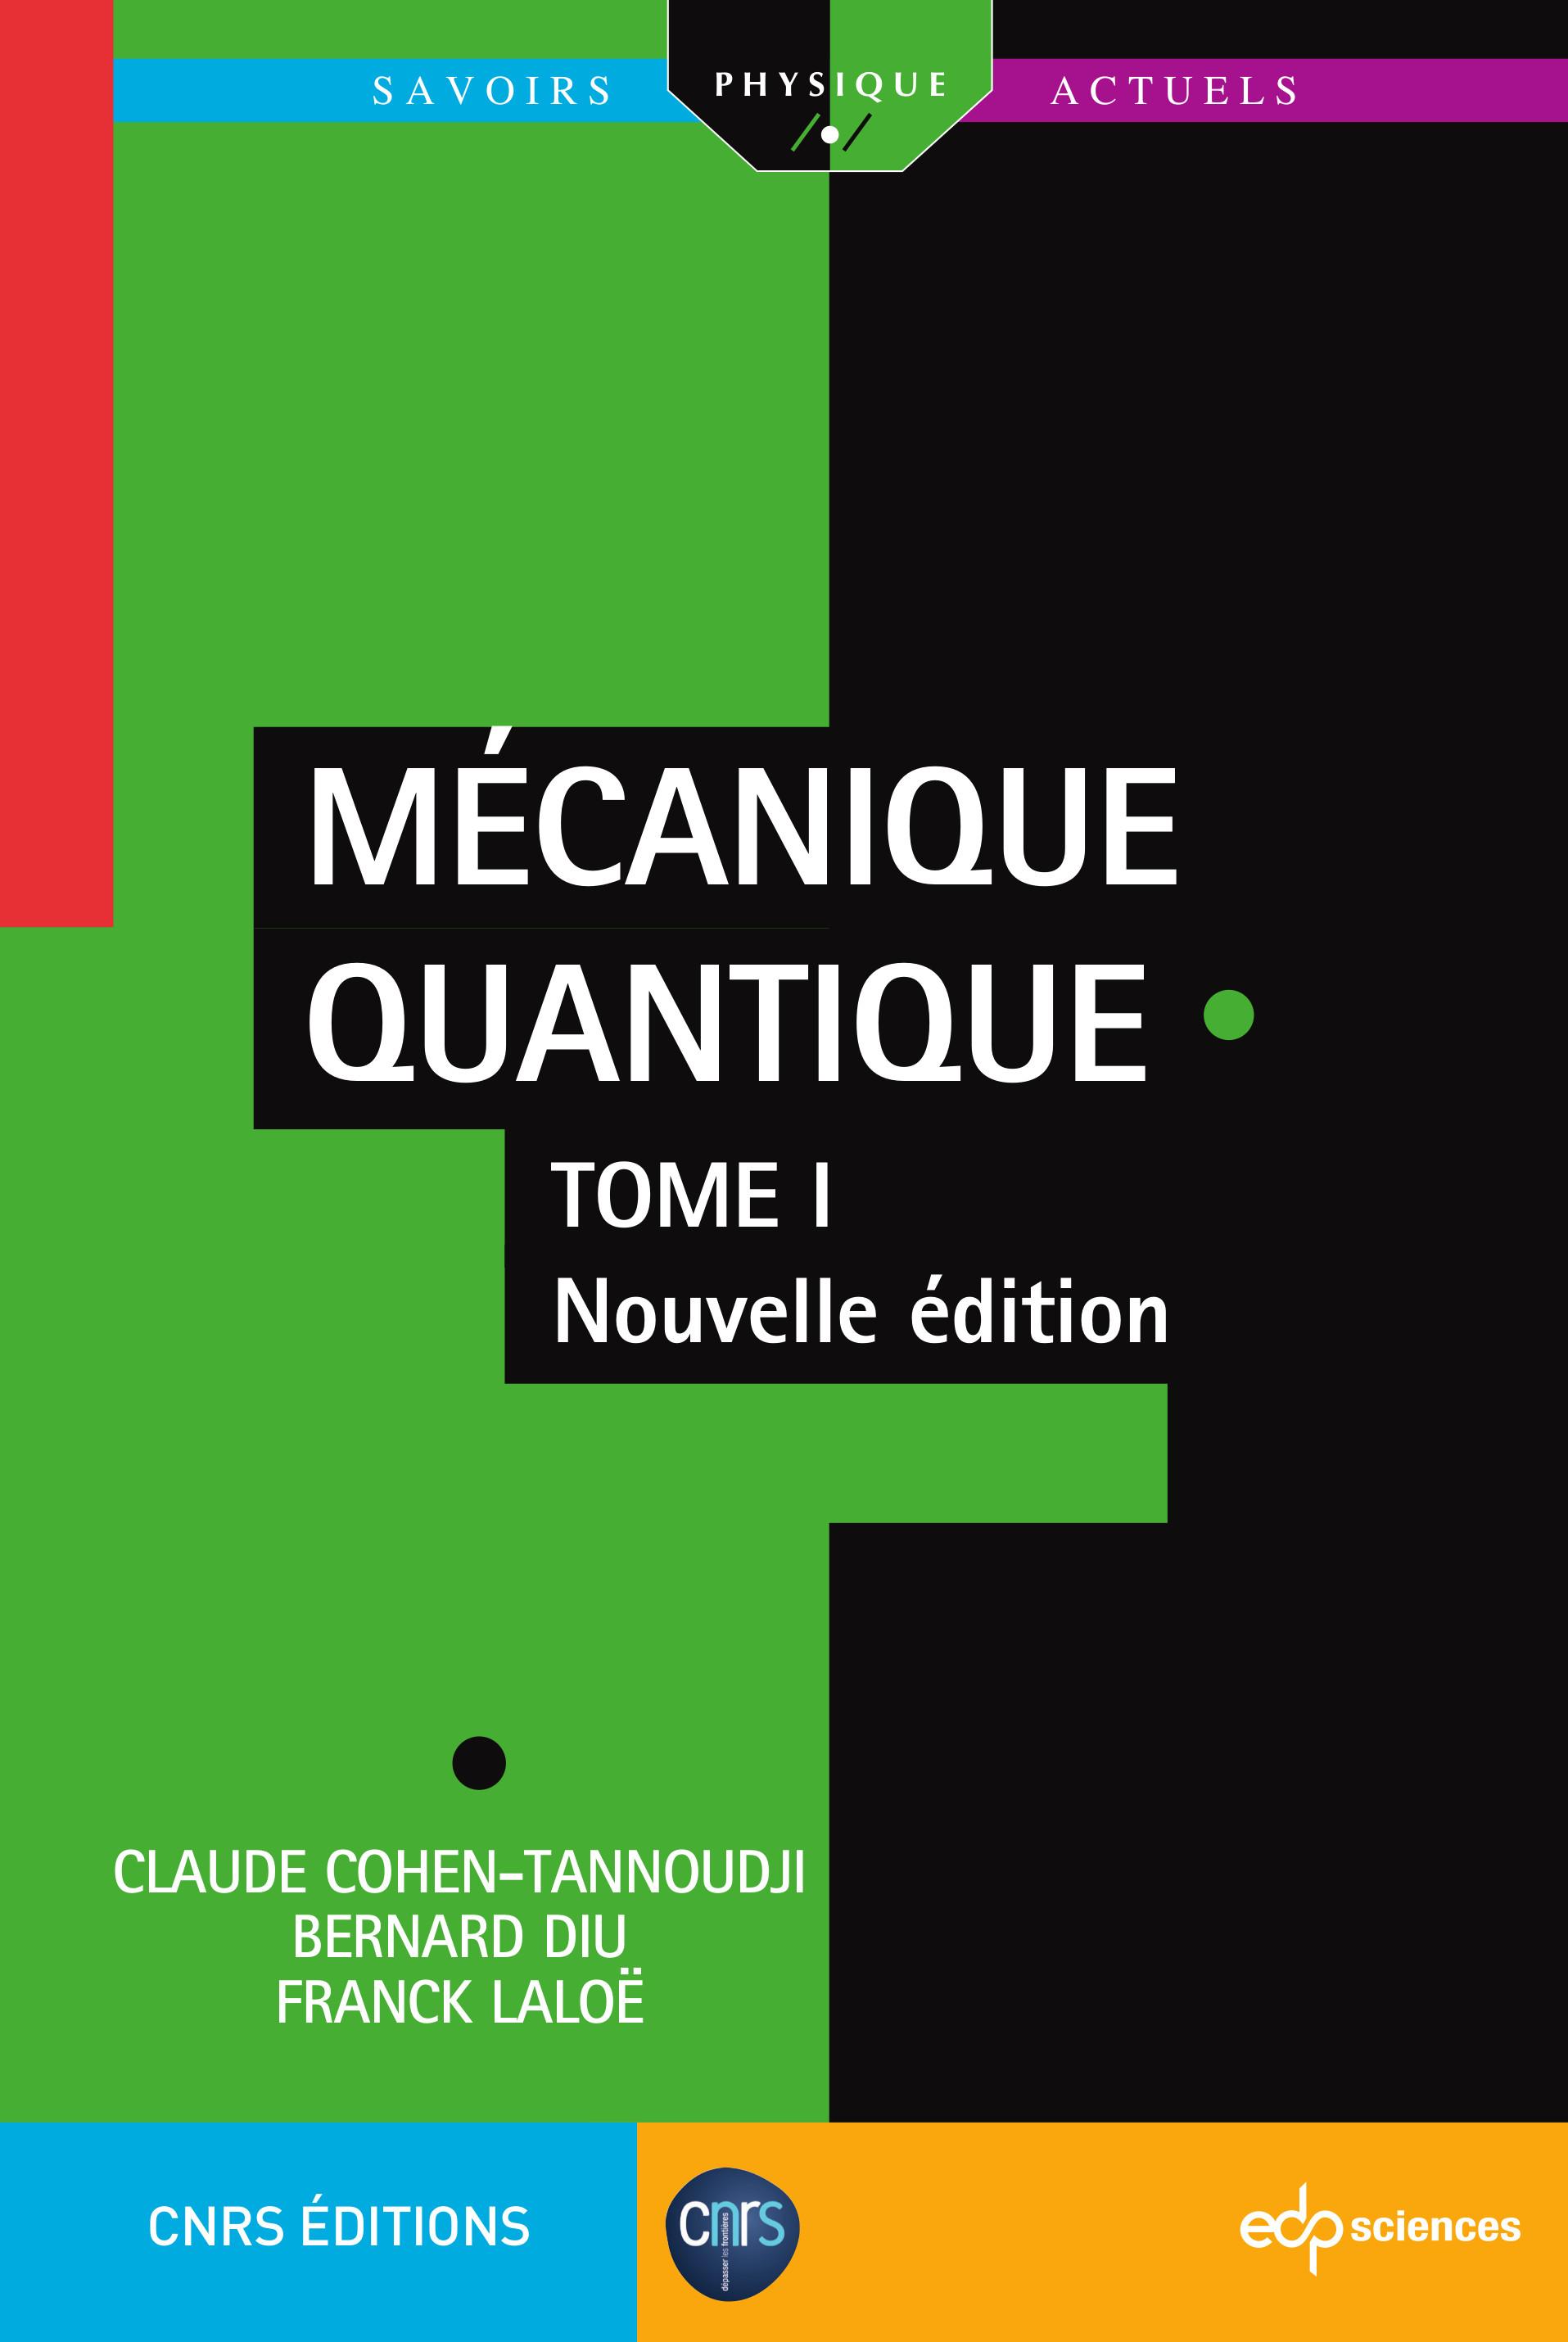 mécanique quantique cohen tannoudji pdf